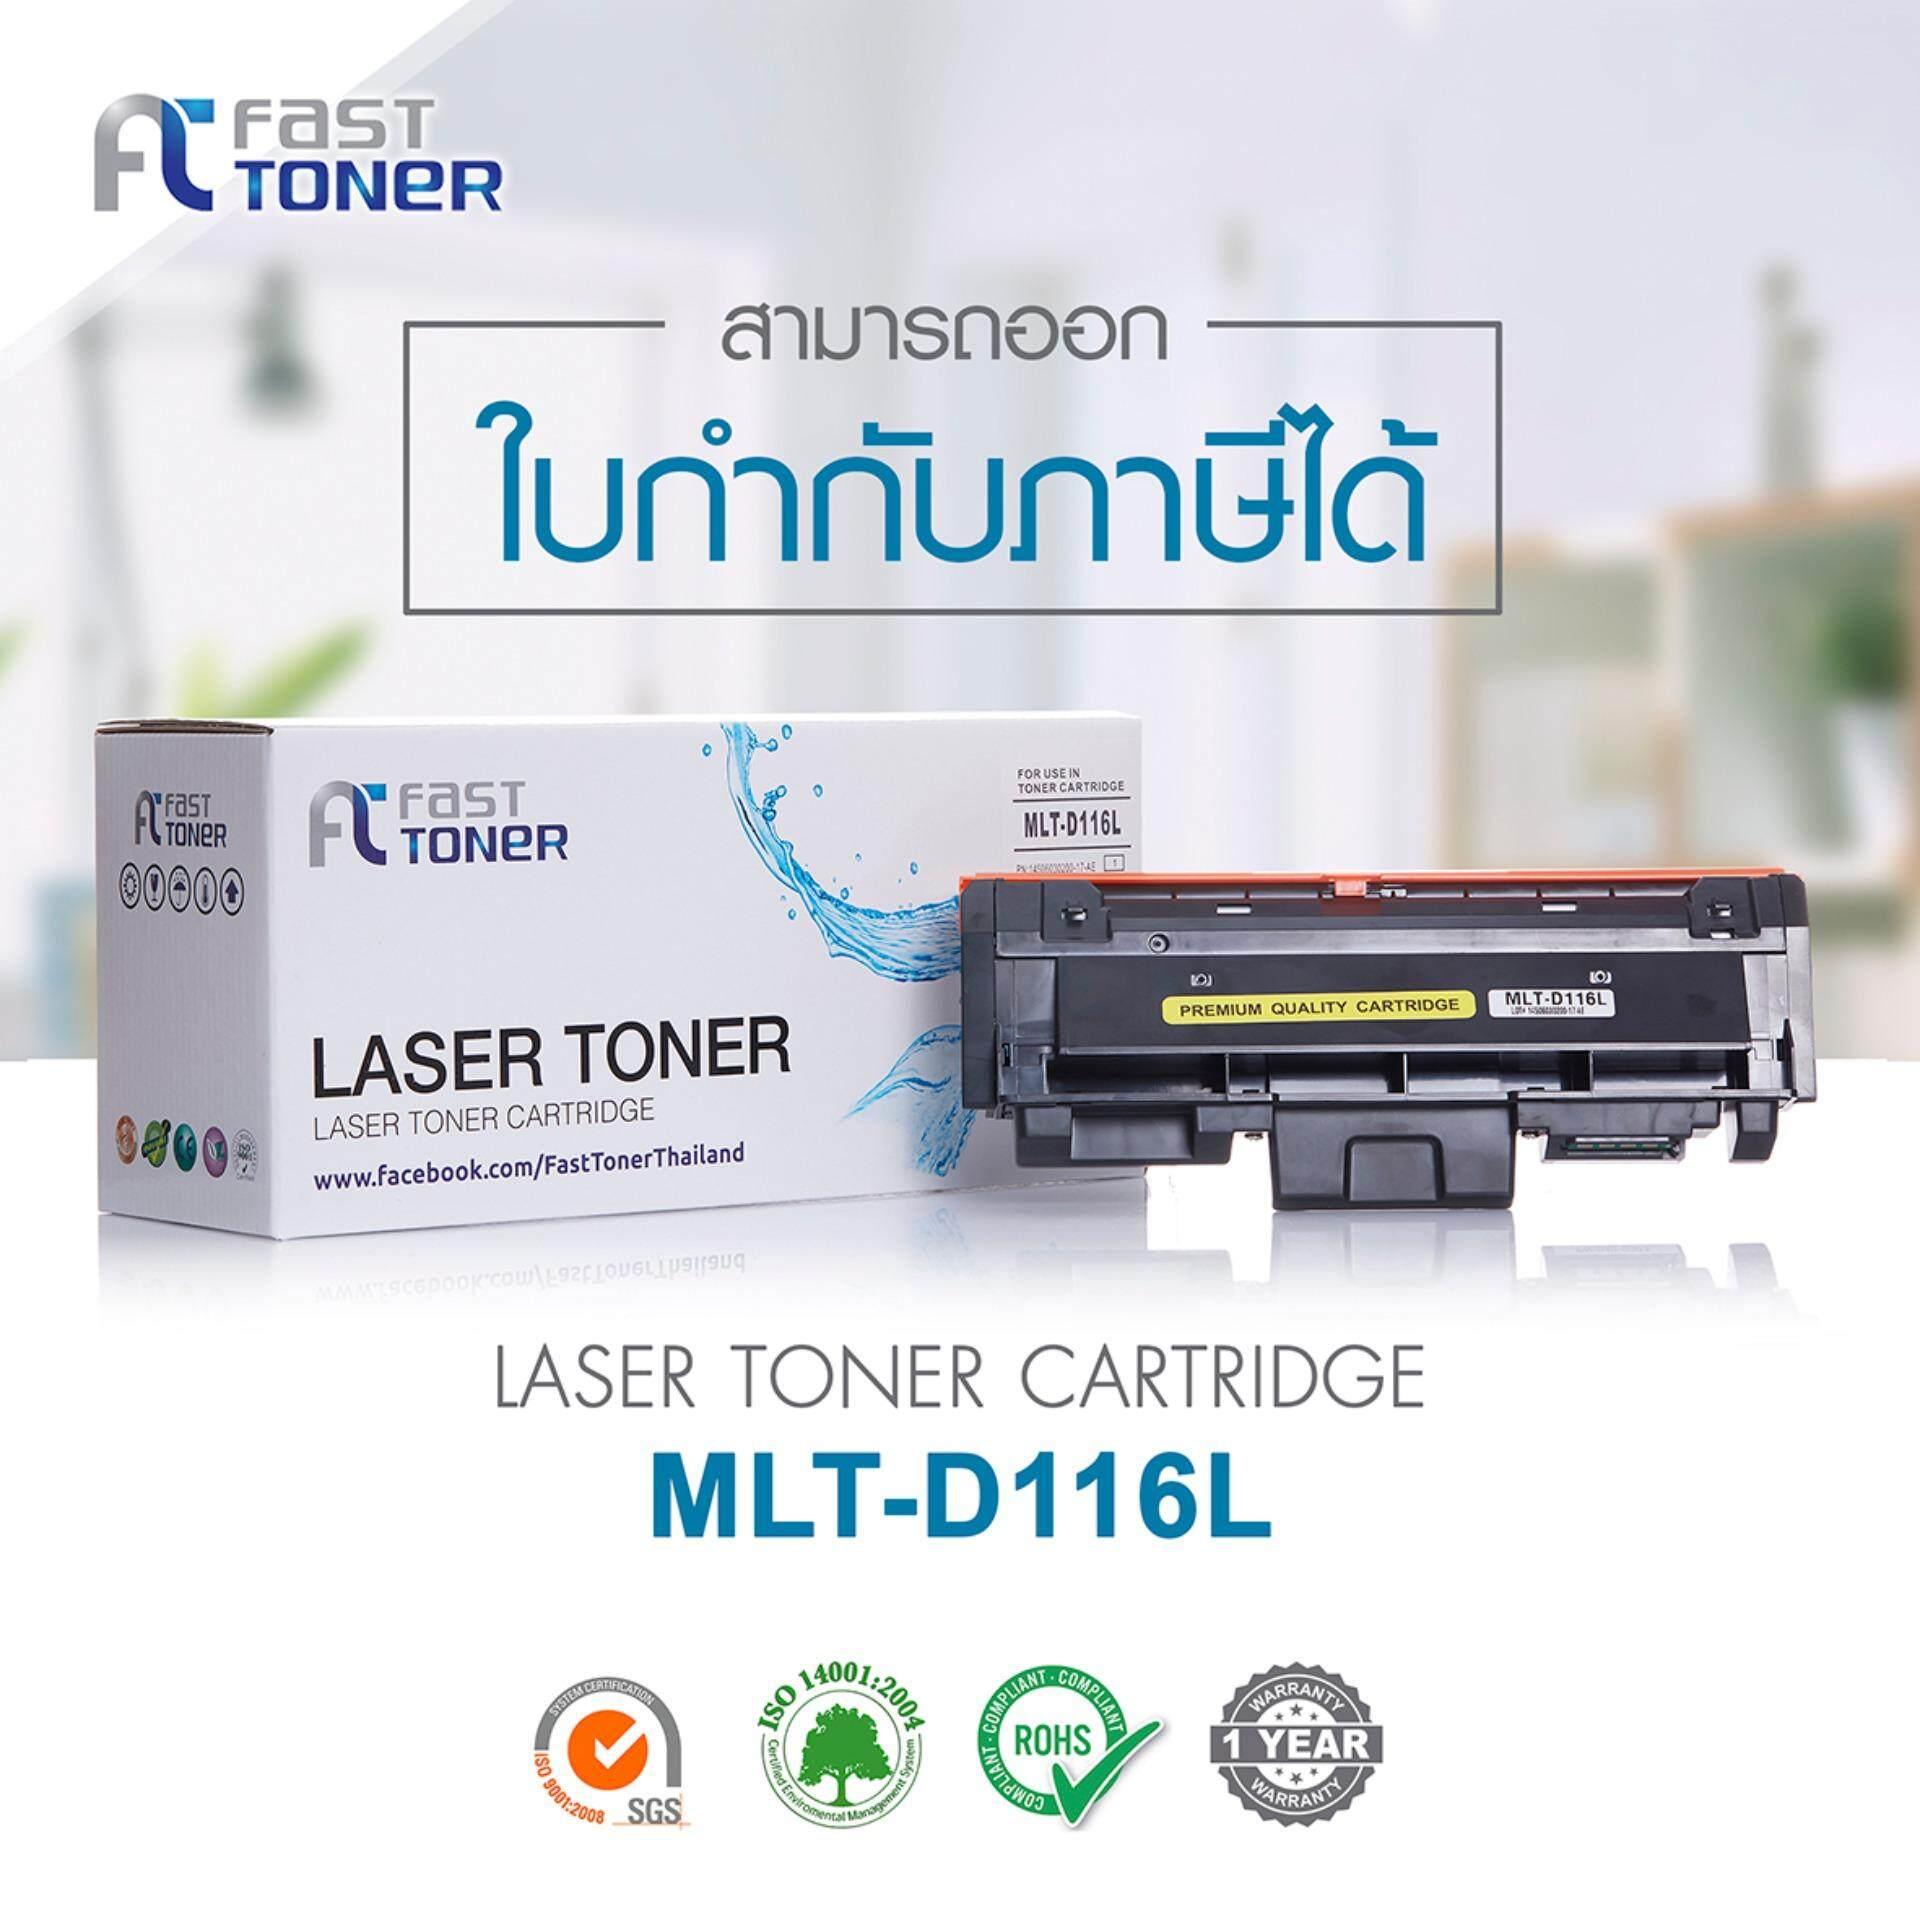 ขาย Fast Toner ตลับหมึกพิมพ์เลเซอร์ Samsung Mlt D116L สำหรับเครื่องปริ้น M2625 M2626 M2825 M2826 M2675 M2676 M2875 M2876 M2835Dw เป็นต้นฉบับ